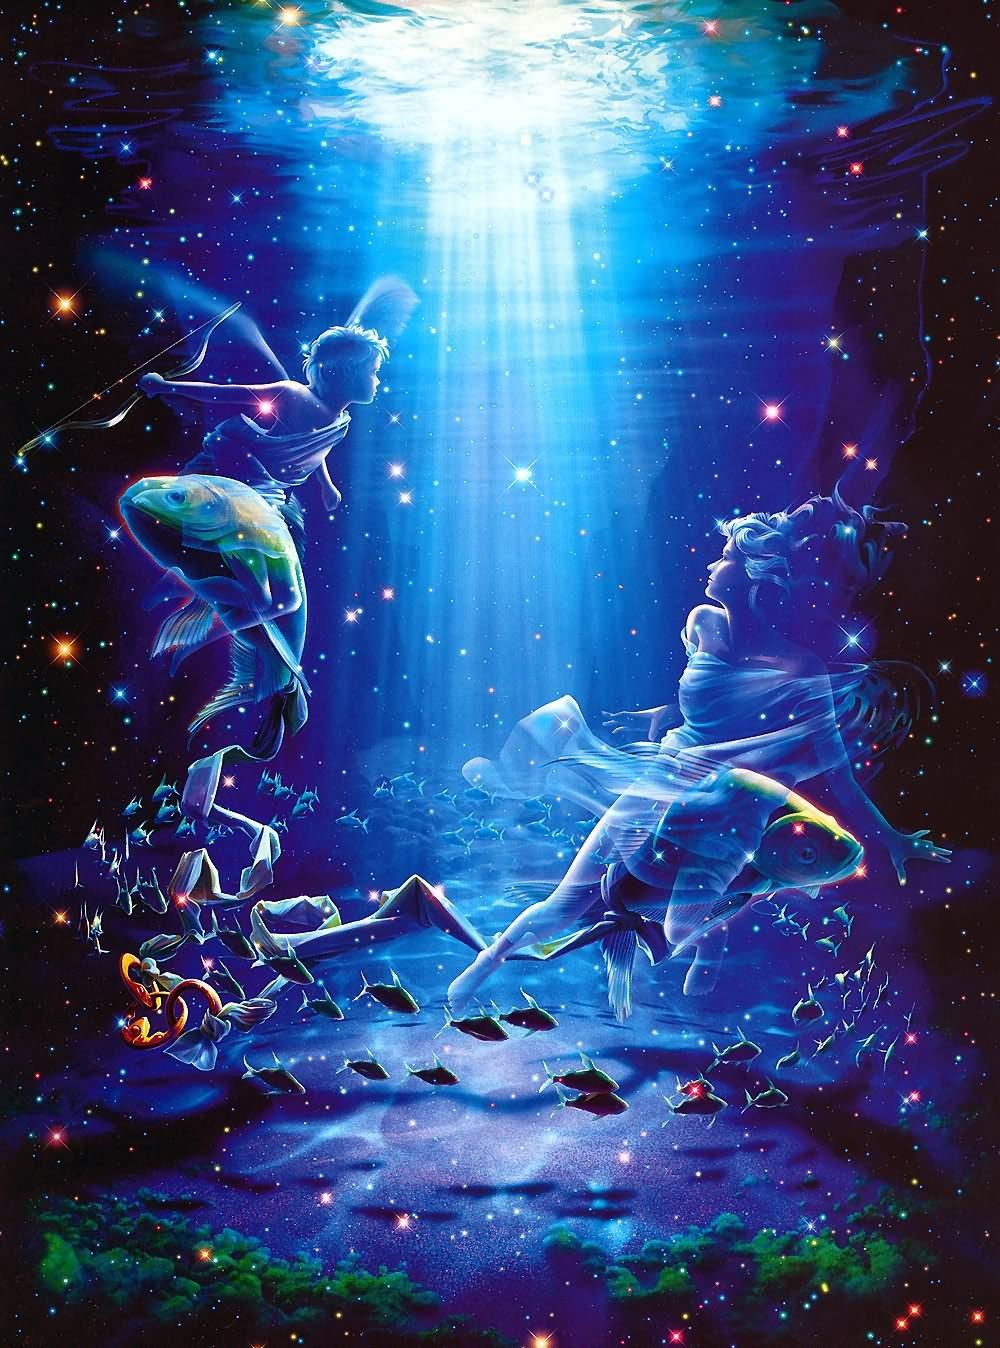 17385 Заставки и Обои Рыбы на телефон. Скачать Рыбы, Фэнтези, Космос картинки бесплатно